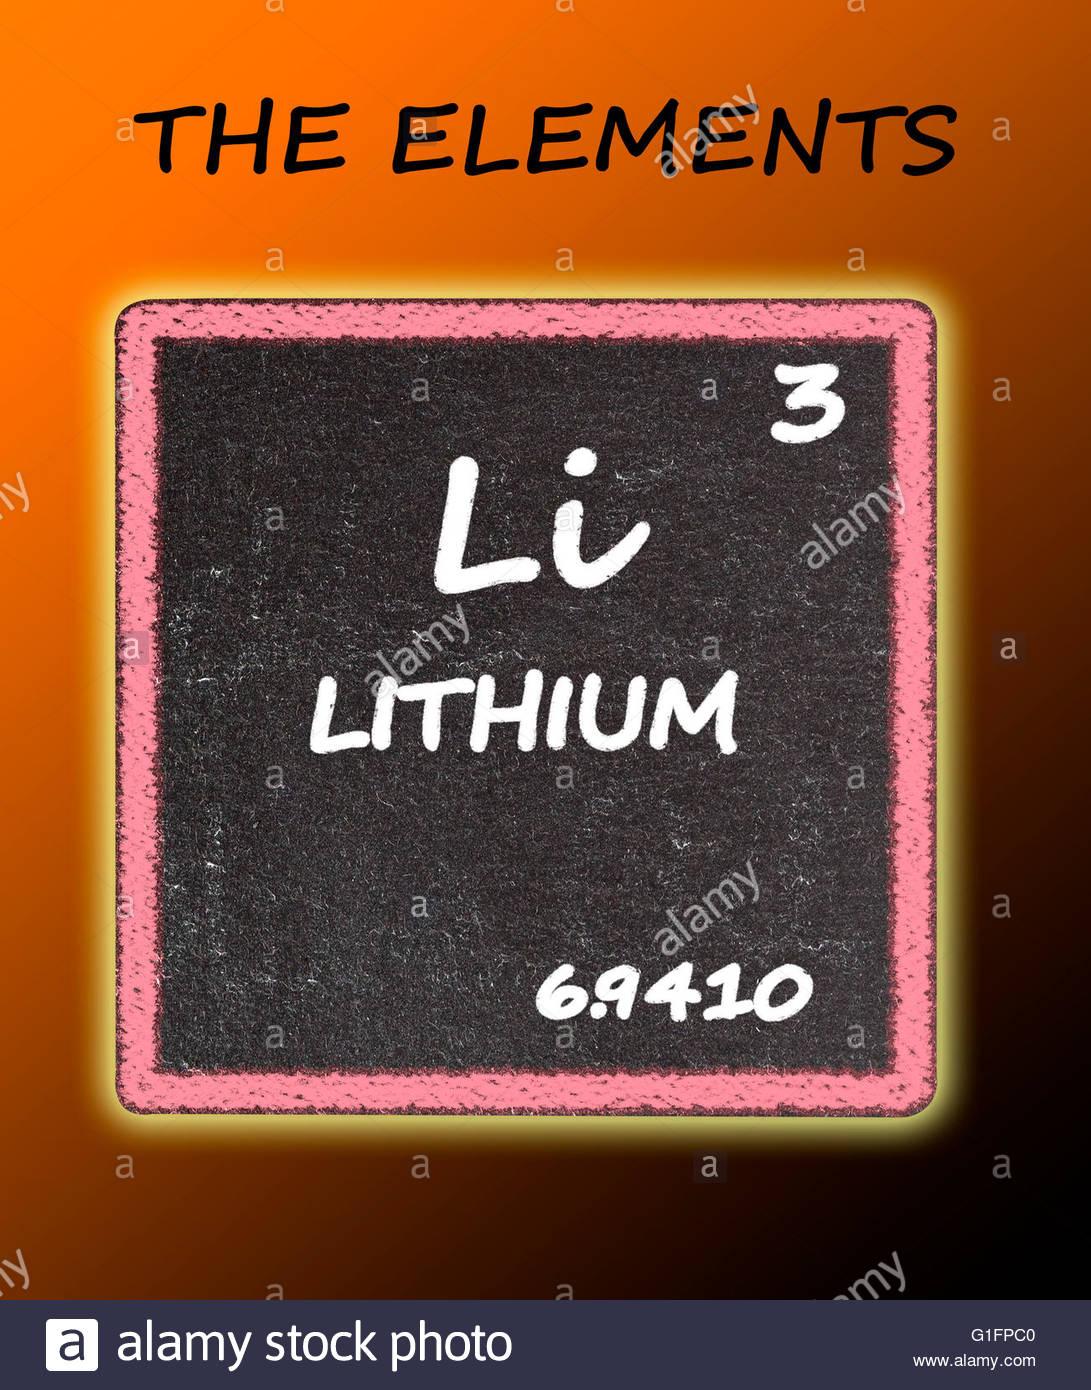 Litio detalles de la tabla peridica foto imagen de stock litio detalles de la tabla peridica urtaz Choice Image